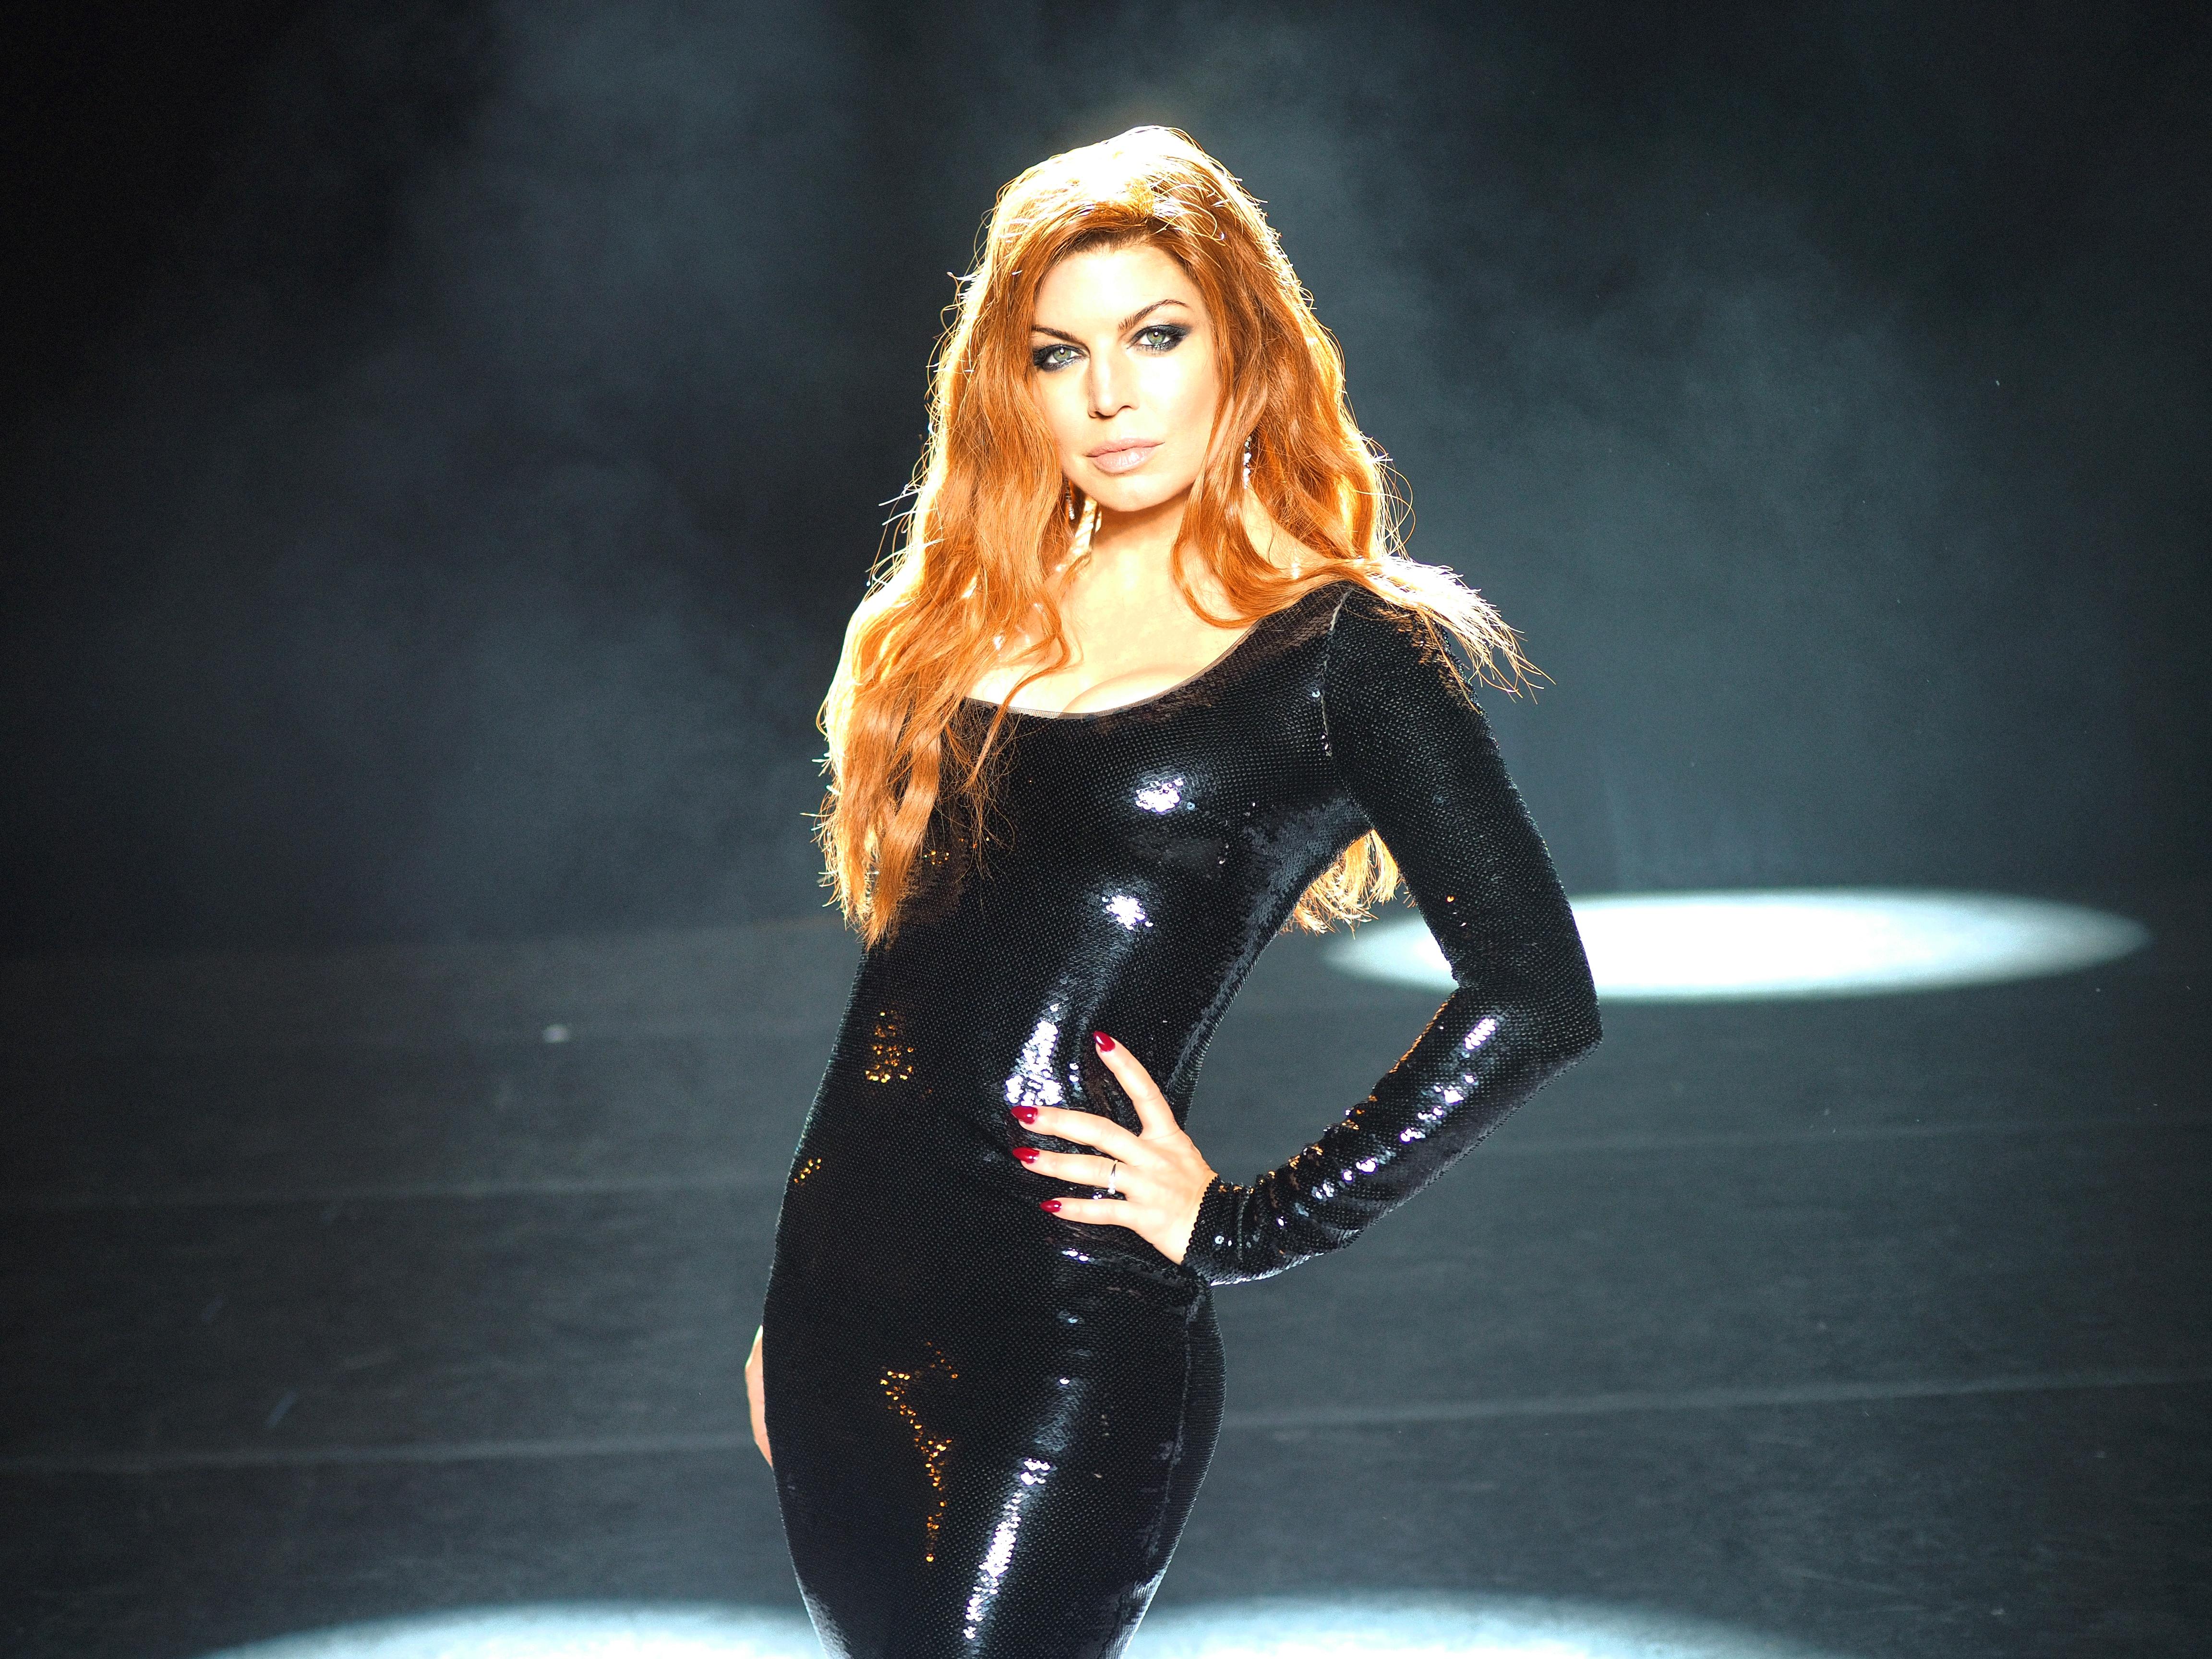 Fergie singer